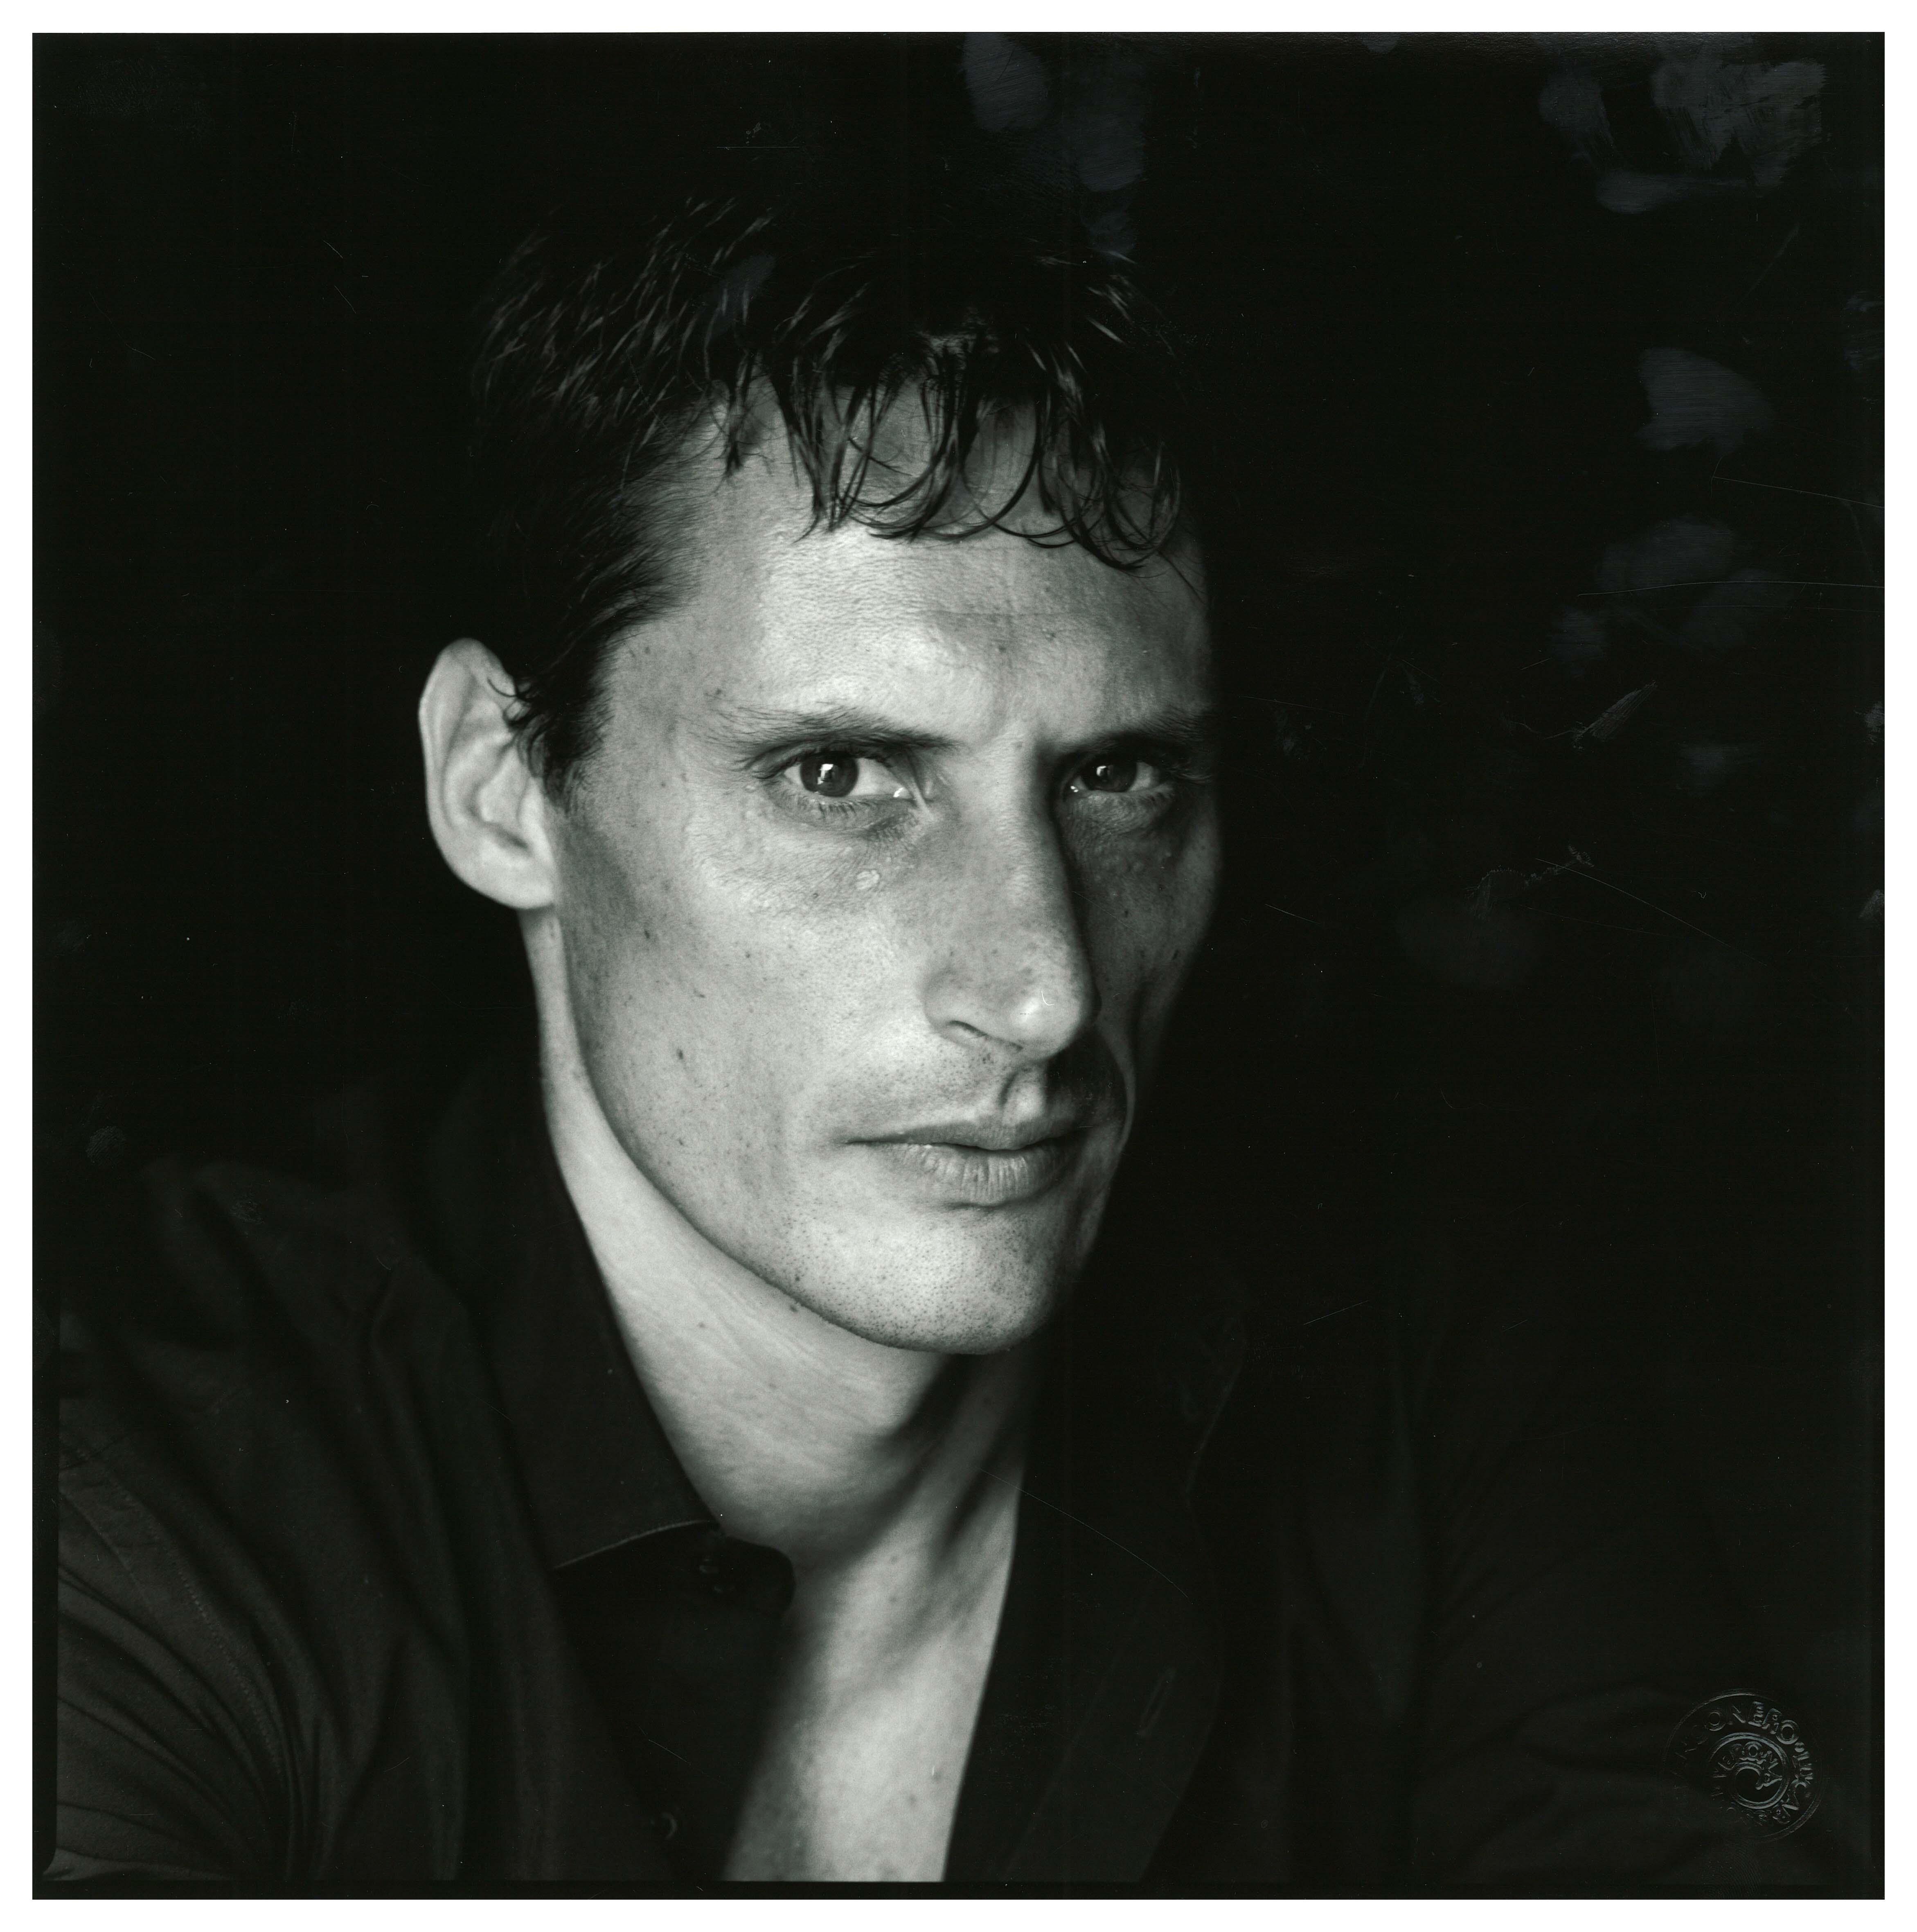 Stefano Trespidi, responsabile della regia all'Arena di Verona